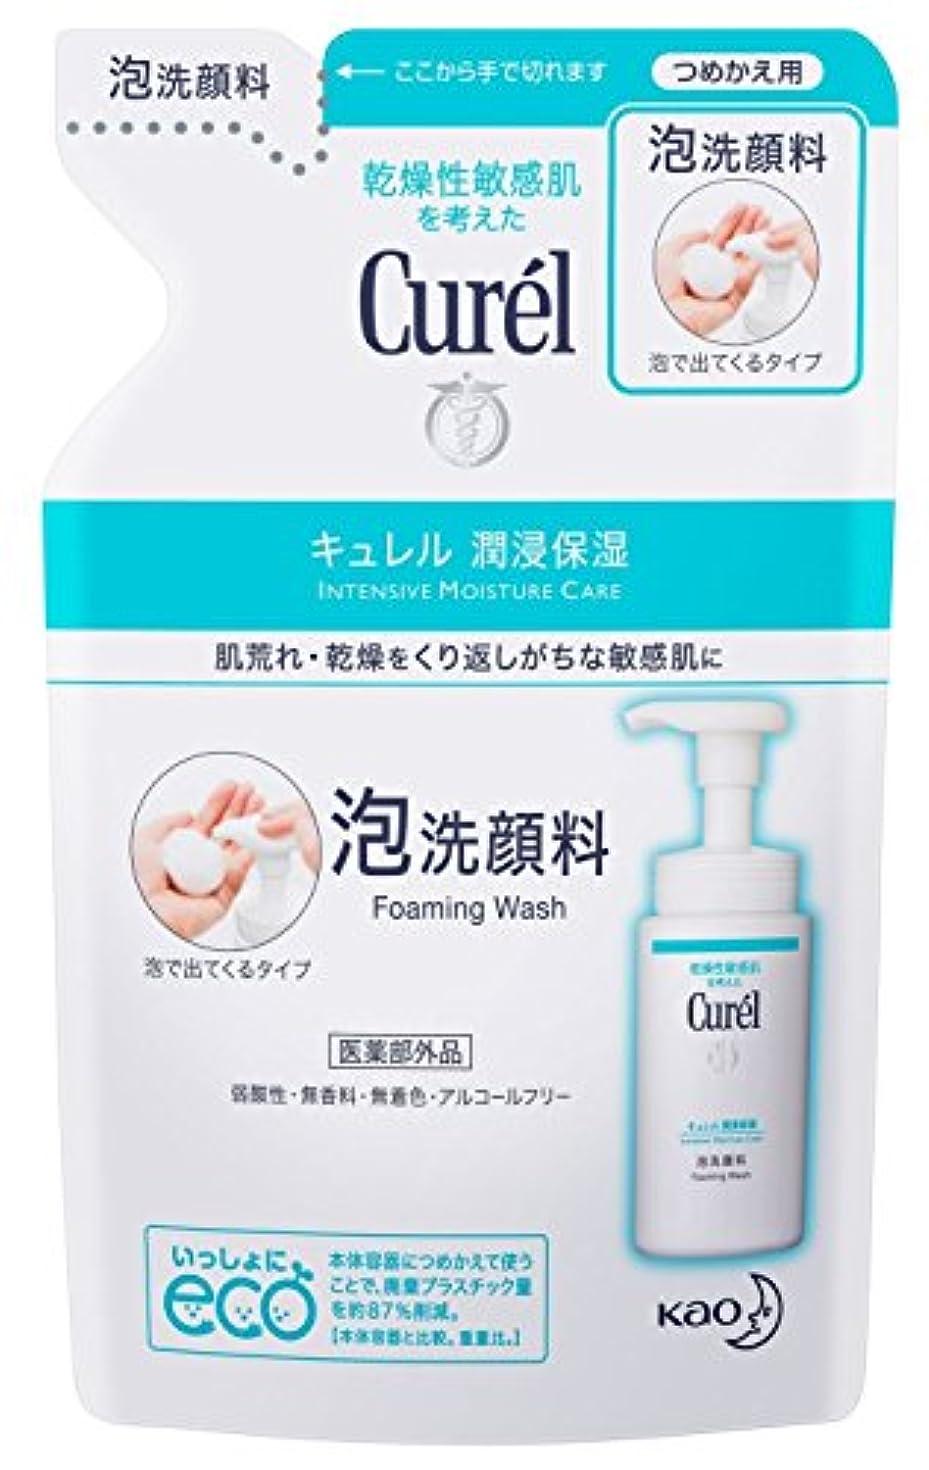 体系的に動脈増加するキュレル 泡洗顔料 つめかえ用 130ml×6個